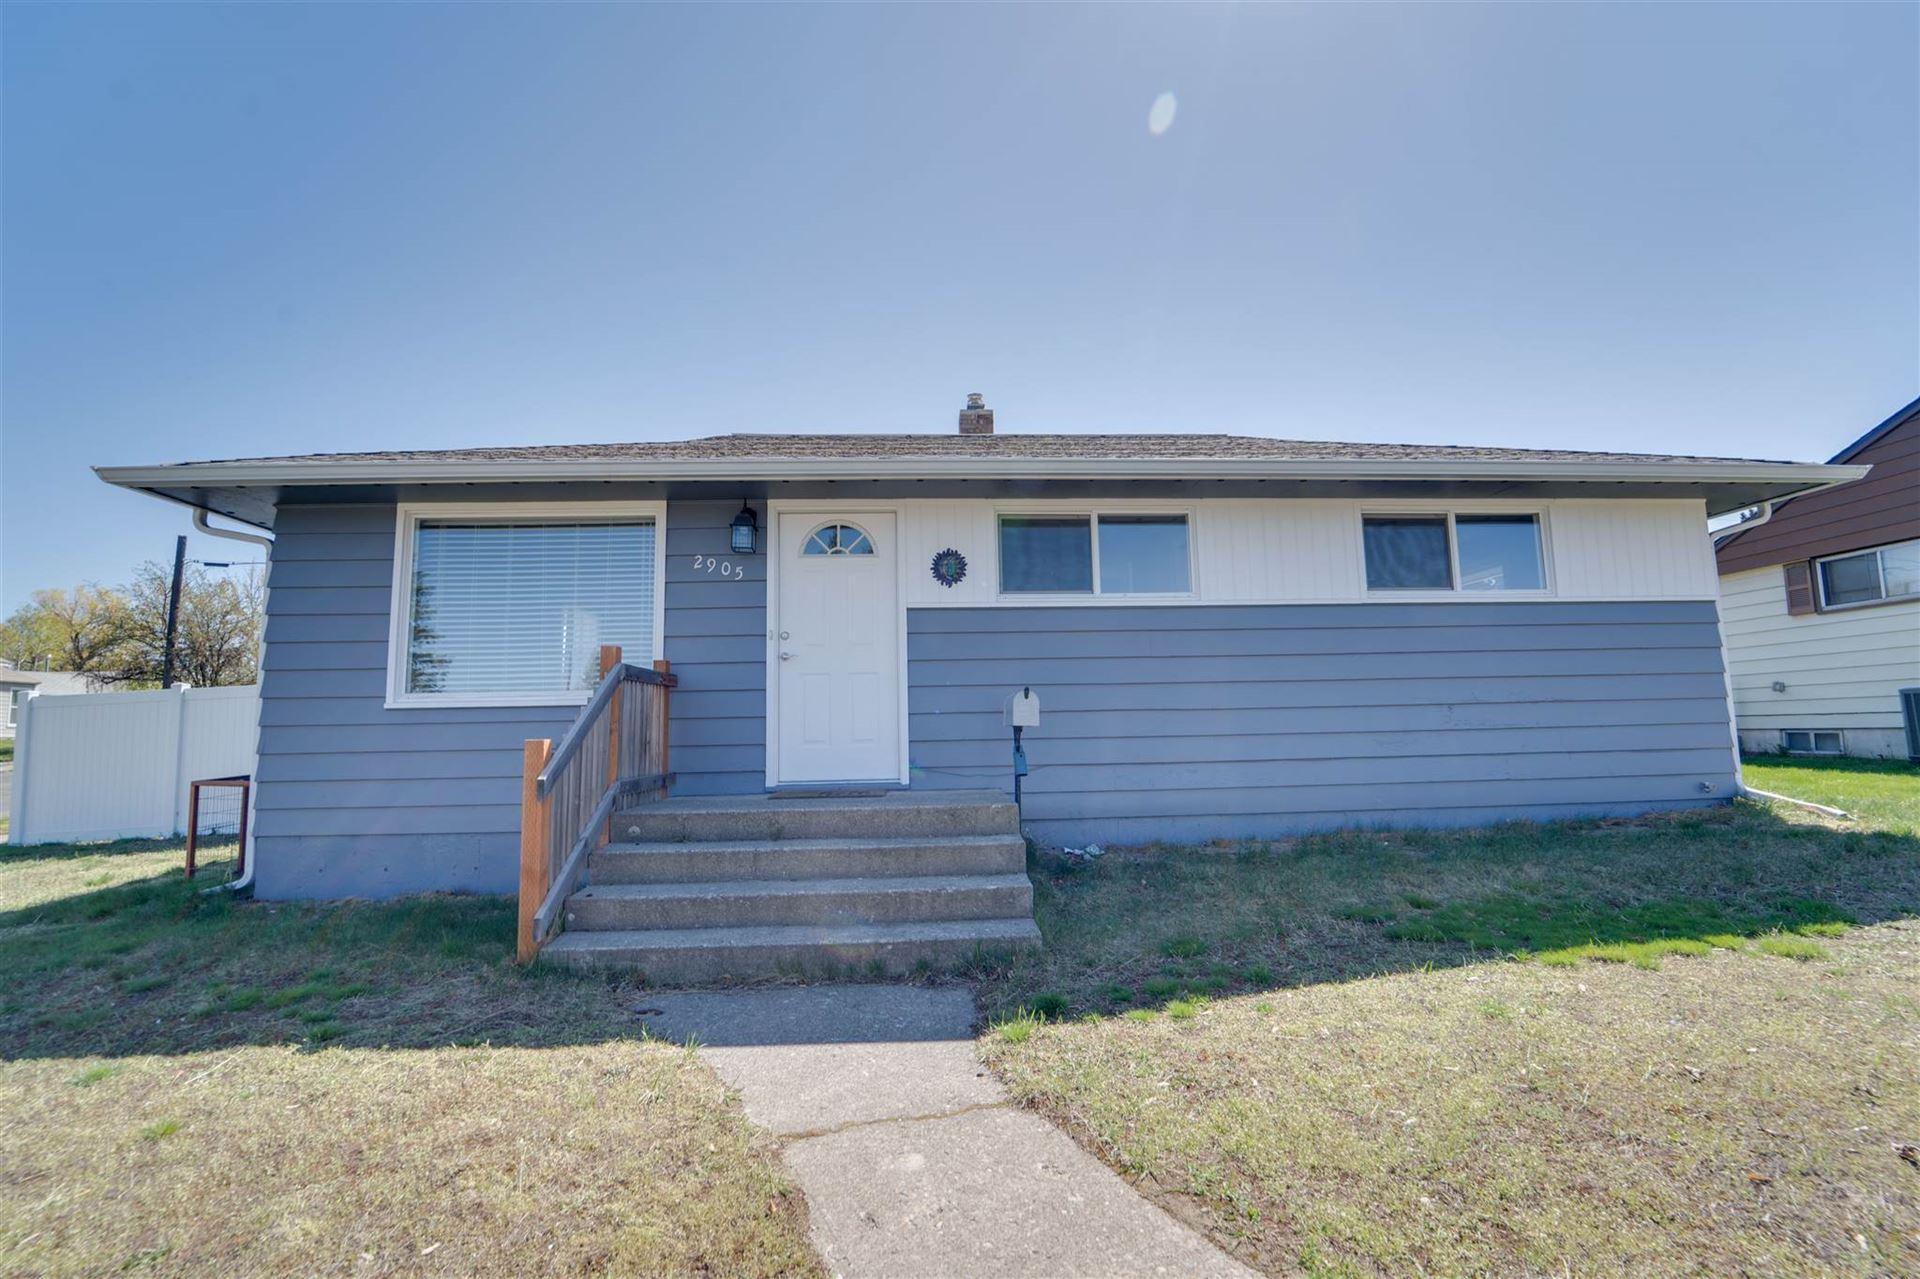 2905 W Eloika Ave, Spokane, WA 99205 - #: 202114442